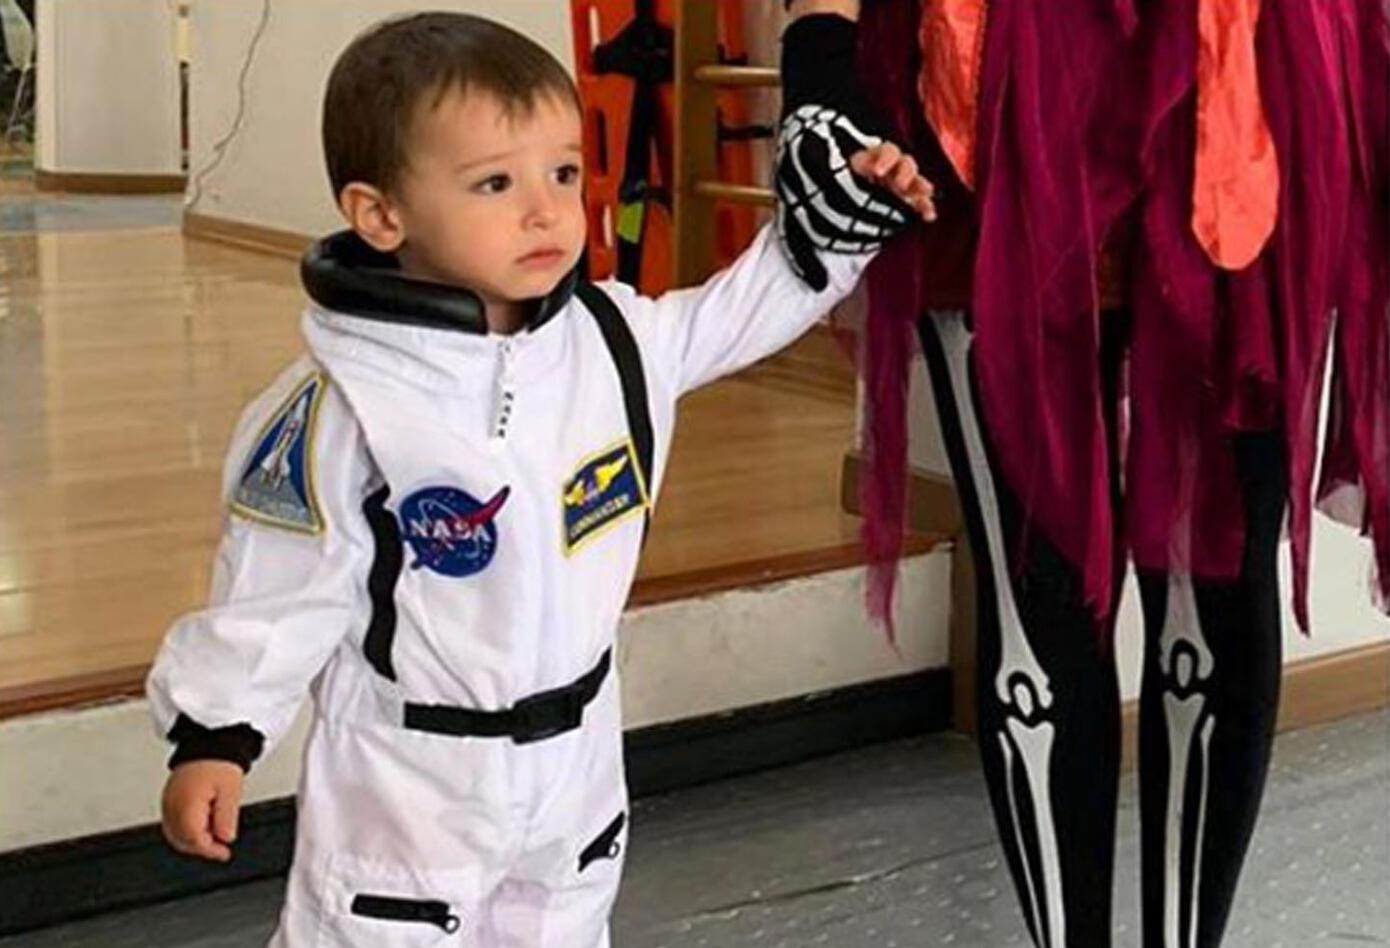 La reconocida Carolina Cruz publicó una imagen en Instagram donde aparece su hijo Matías disfrazado de astronauta. Días atrás, la presentadora también dejó ver a su pequeño llevando puesto un atuendo de caballo.